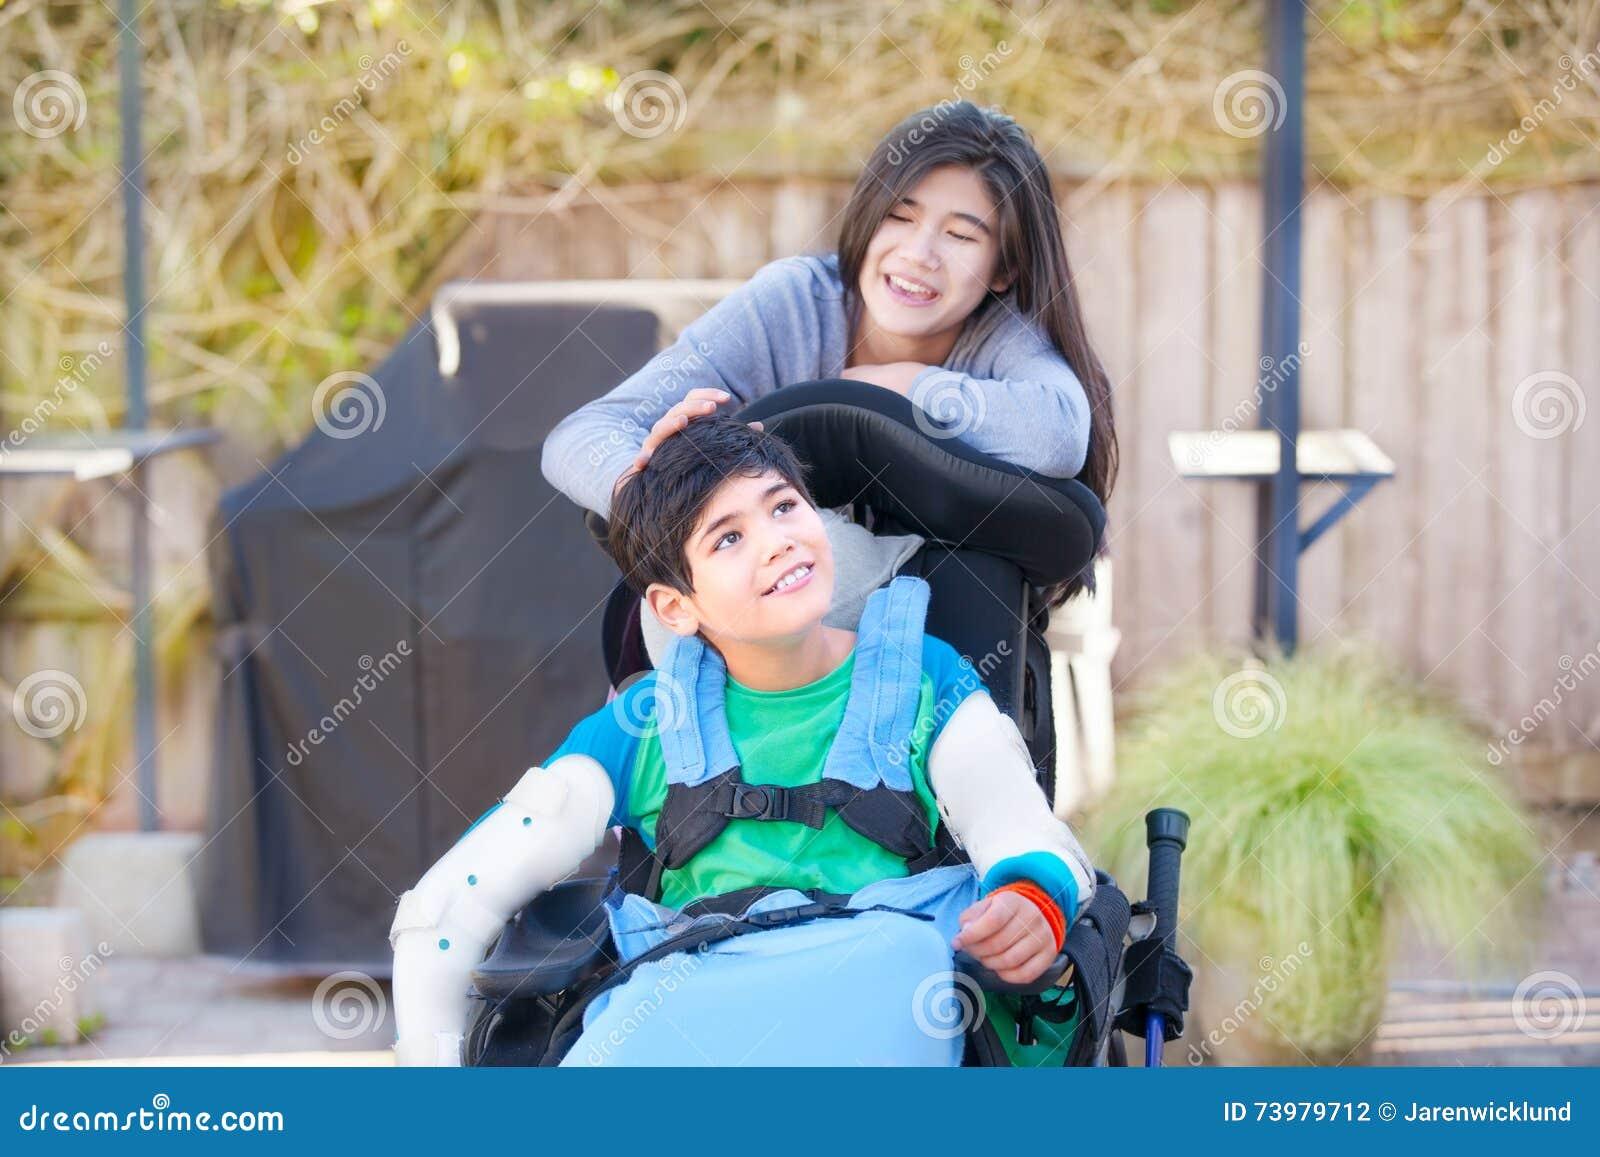 Sorella adolescente che elimina cura del fratello disabile for Vecchio in sedia a rotelle